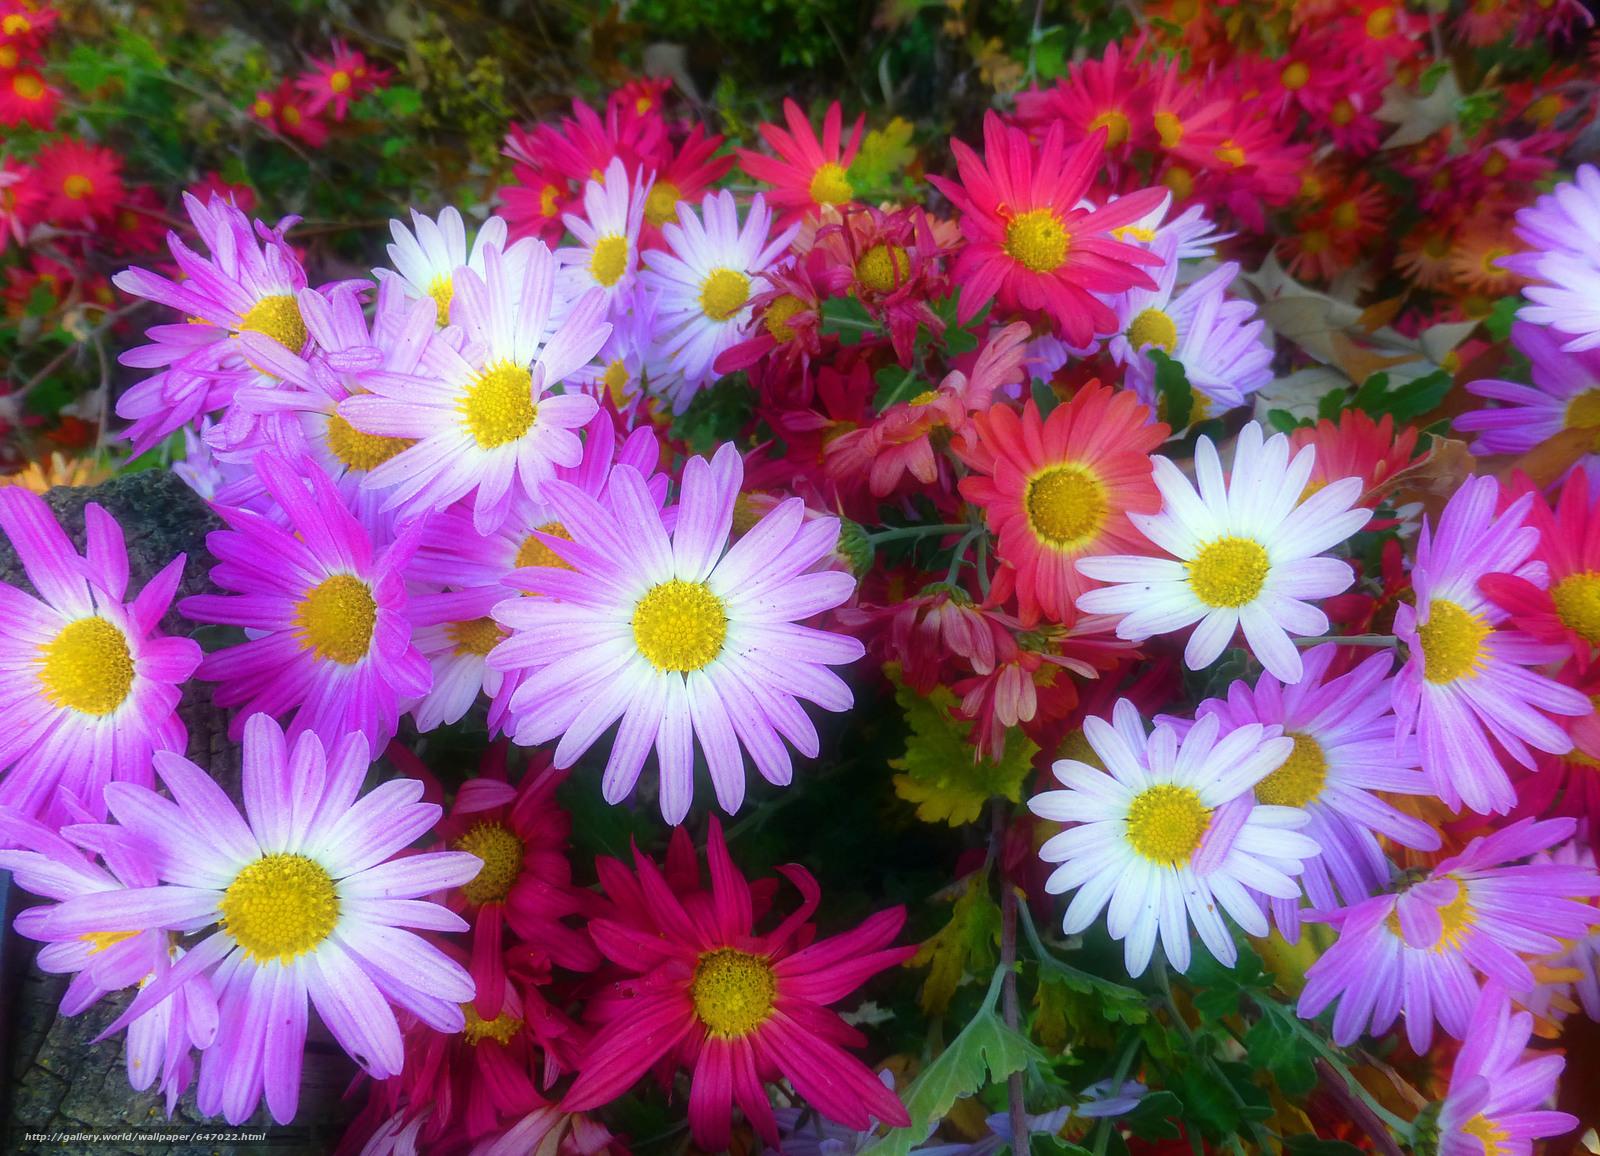 tlcharger fond d 39 ecran parterre de fleurs fleurs flore fonds d 39 ecran gratuits pour votre. Black Bedroom Furniture Sets. Home Design Ideas